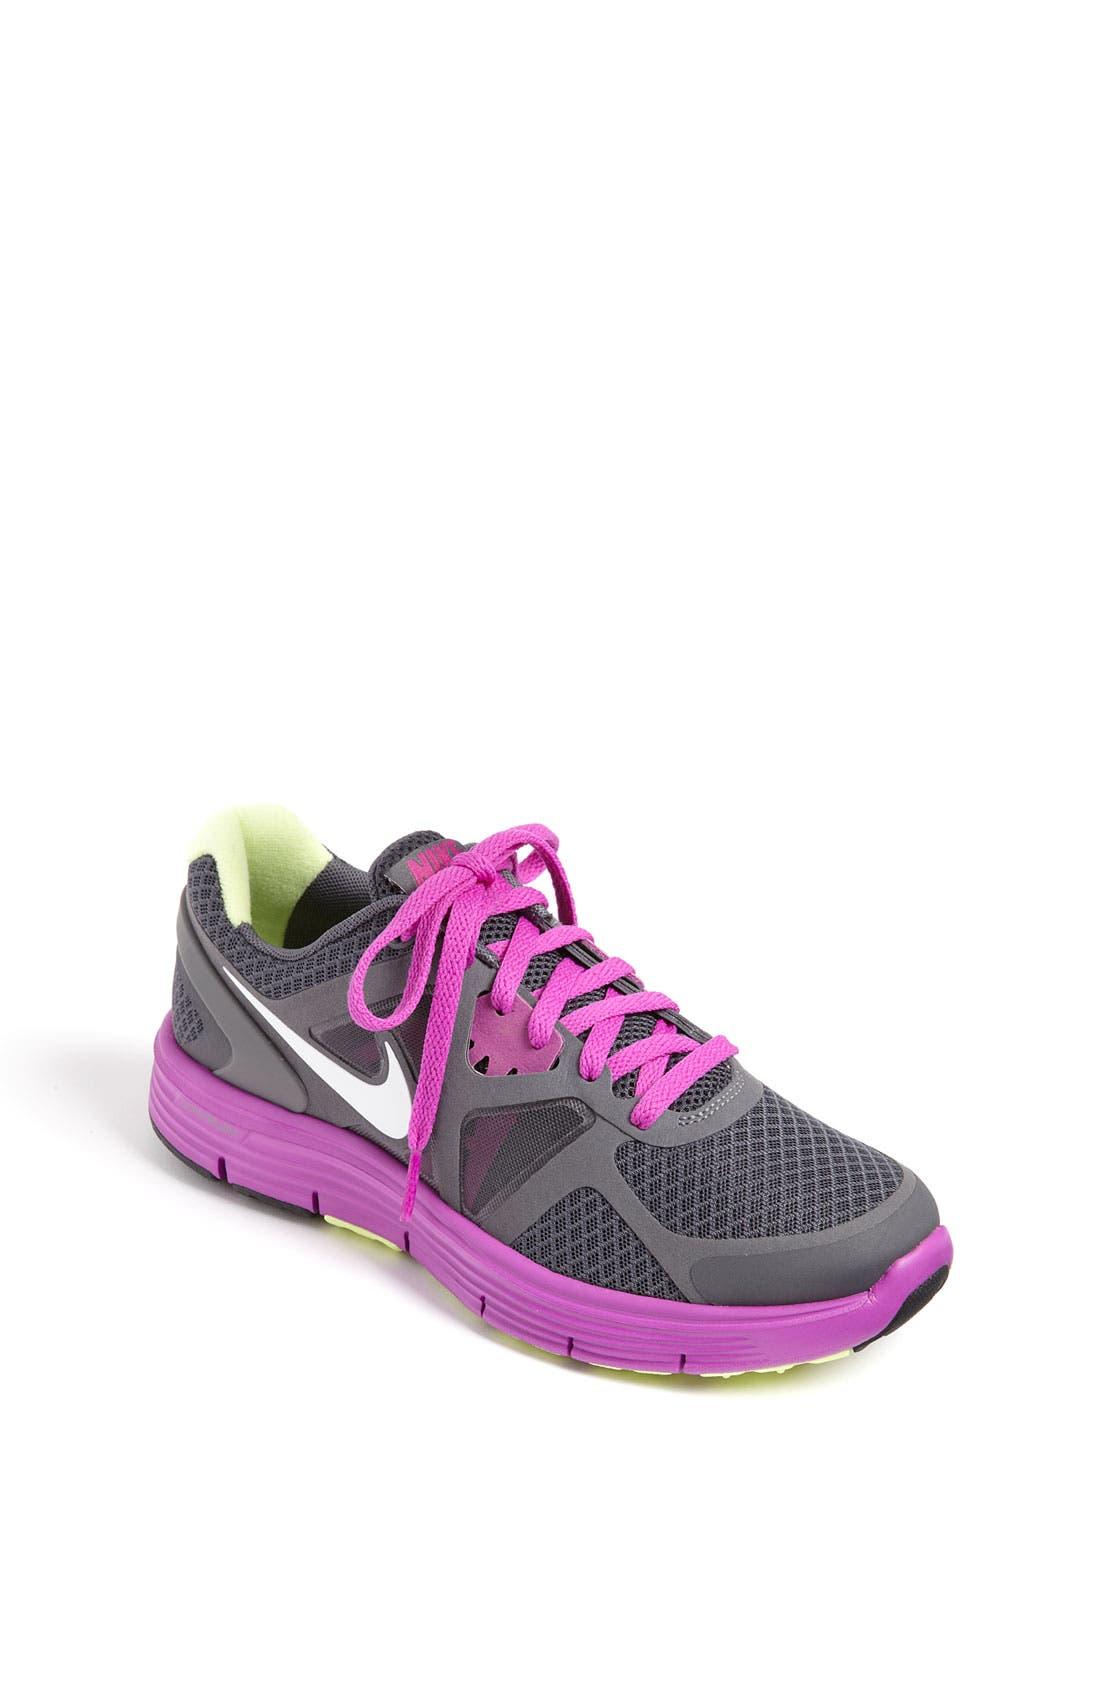 Main Image Nike Lunar Lux Training Shoe Women